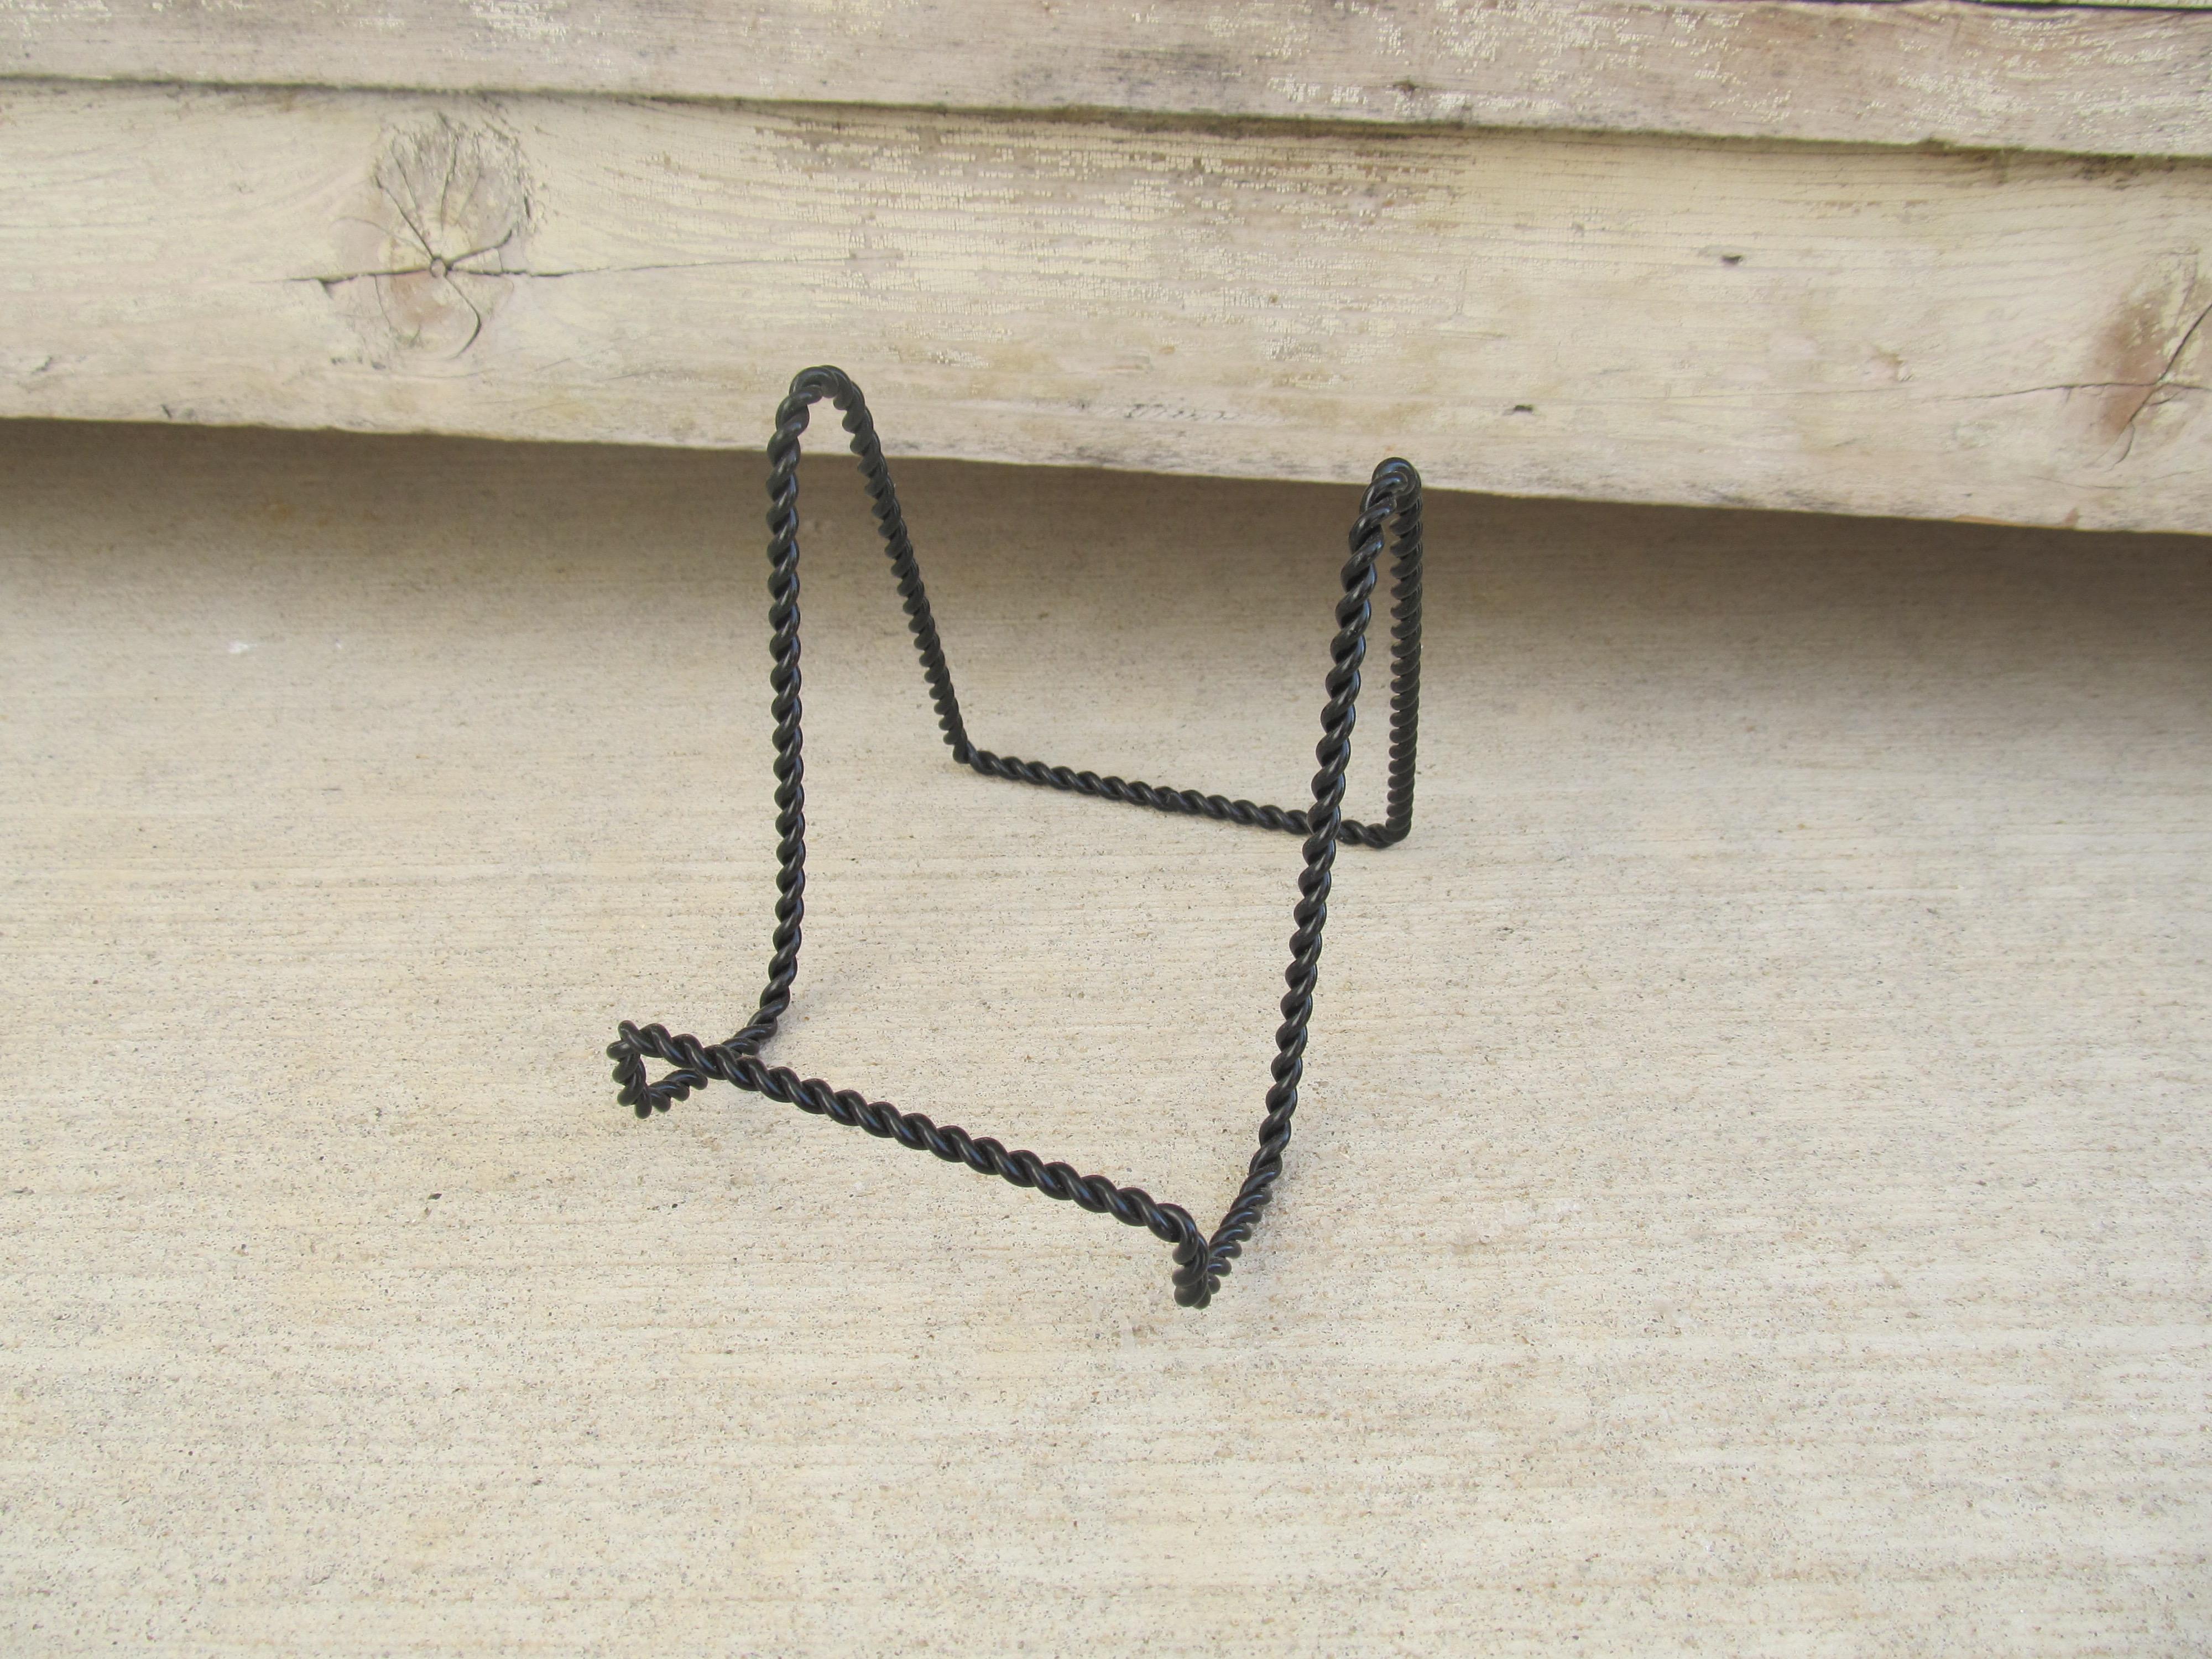 Home u003e Farmhouse Handmade Decor u003e Black Twisted Steel Easel Plate Holder Stand Rack & Black Twisted Steel Easel Plate Holder Stand Rack